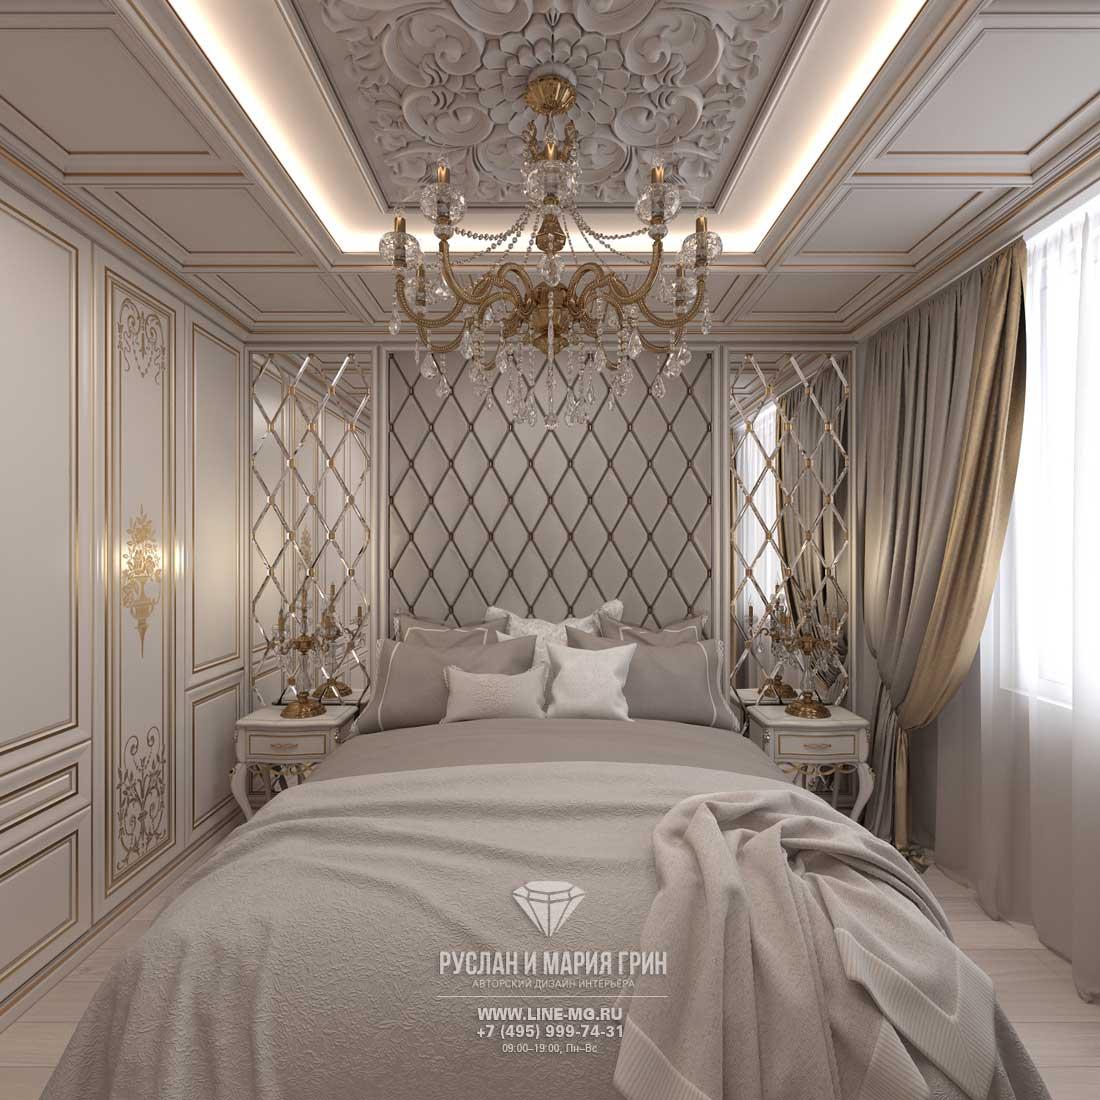 Современные идеи дизайна спальни: фото 2016